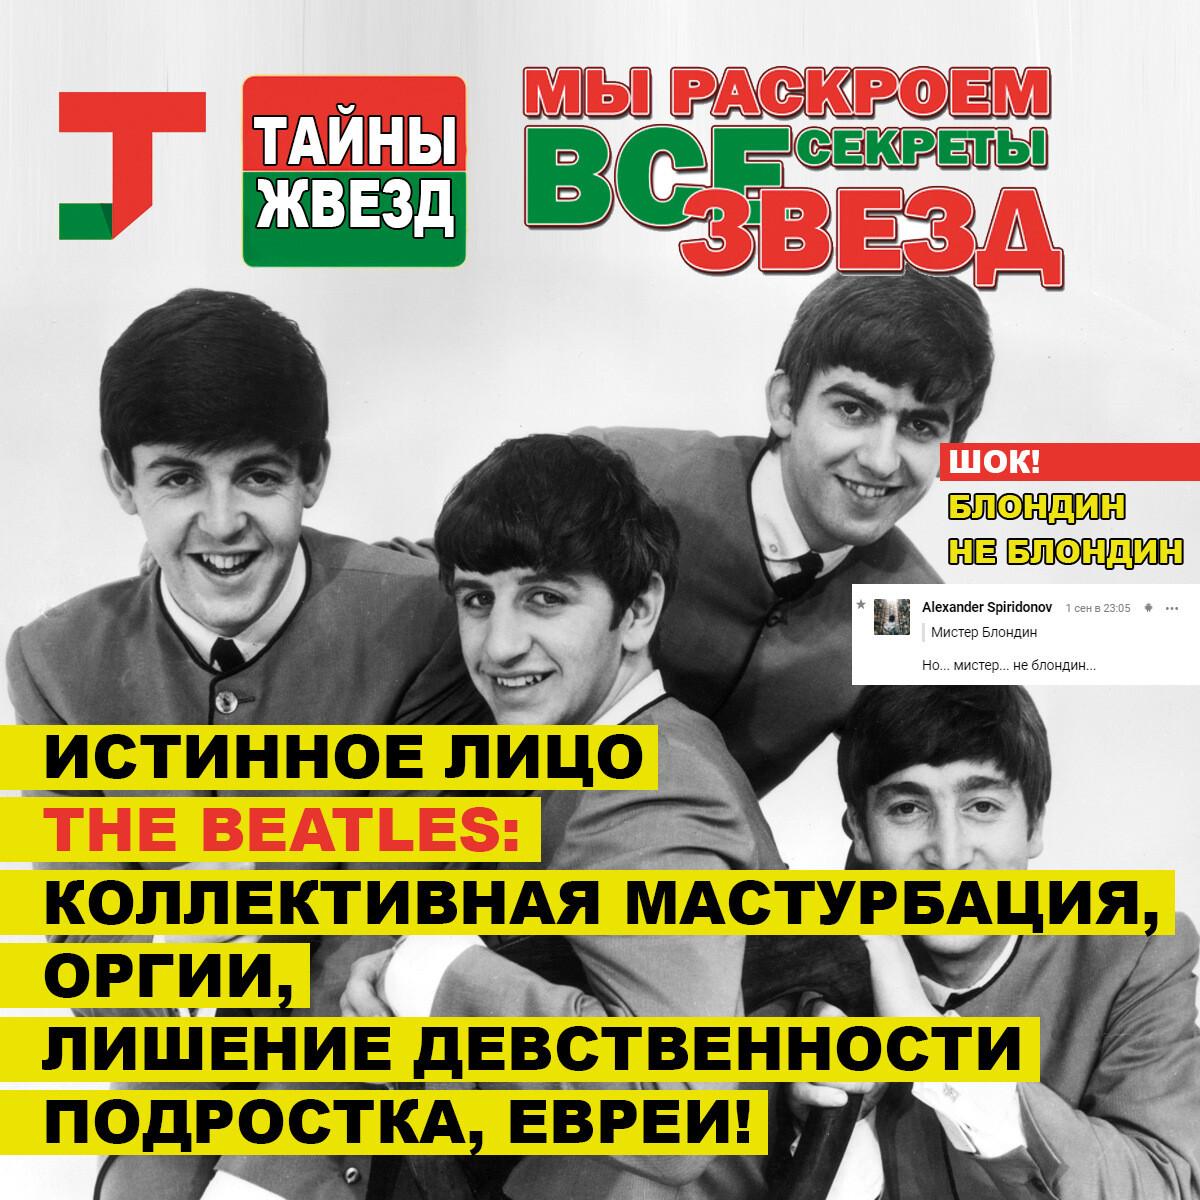 Истинное лицо The Beatles: Коллективная мастурбация, оргии, лишение девственности подростка, евреи